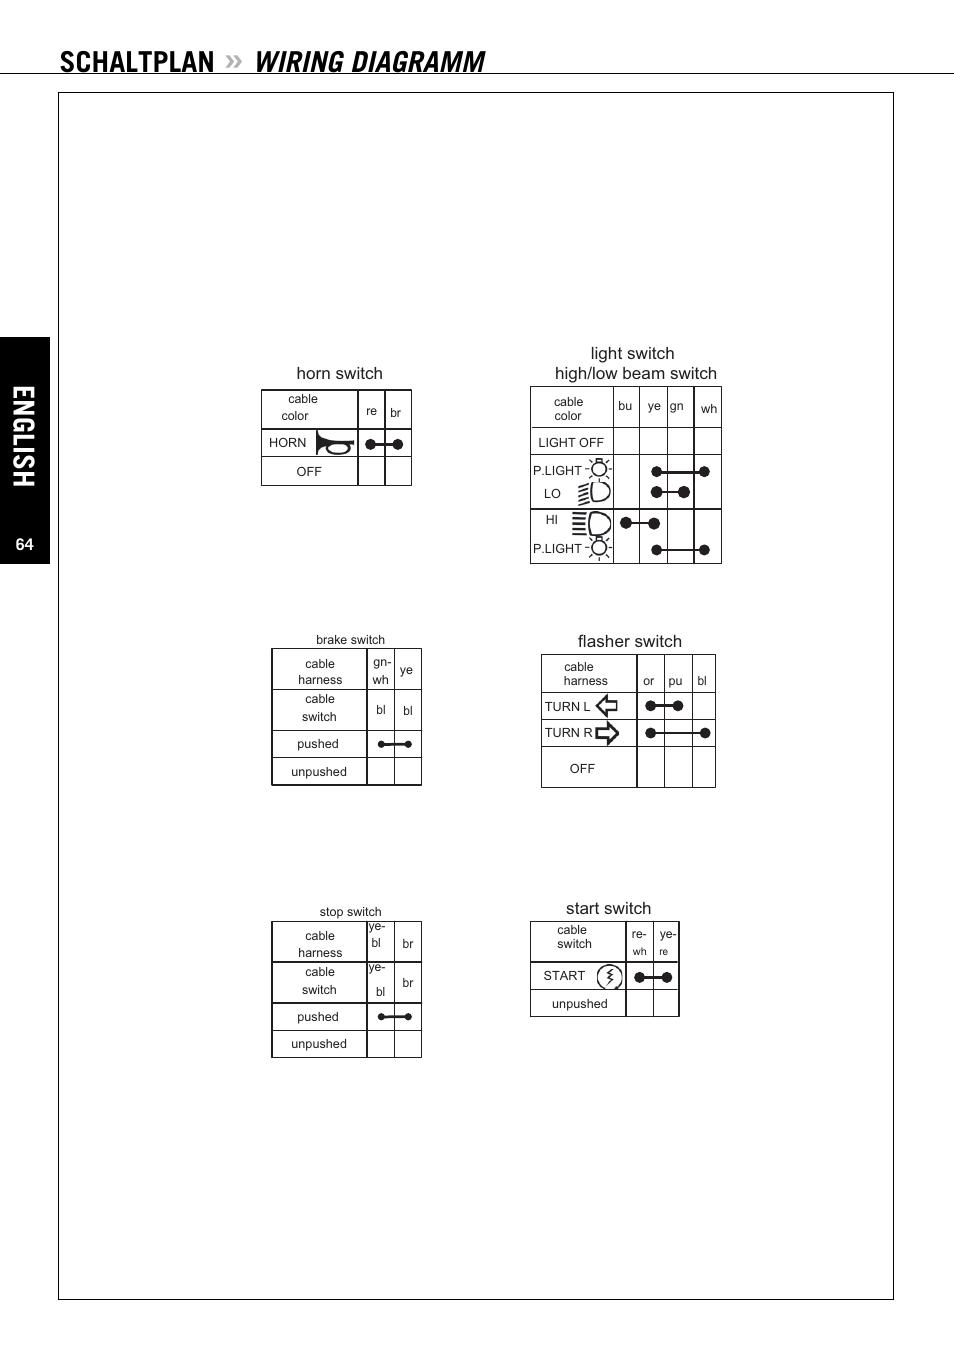 ktm 250 wiring diagram manual e book ktm 250 wiring diagram besides honda shadow wiring diagram furtherenglish schaltplan wiring diagramm ktm 125 exc